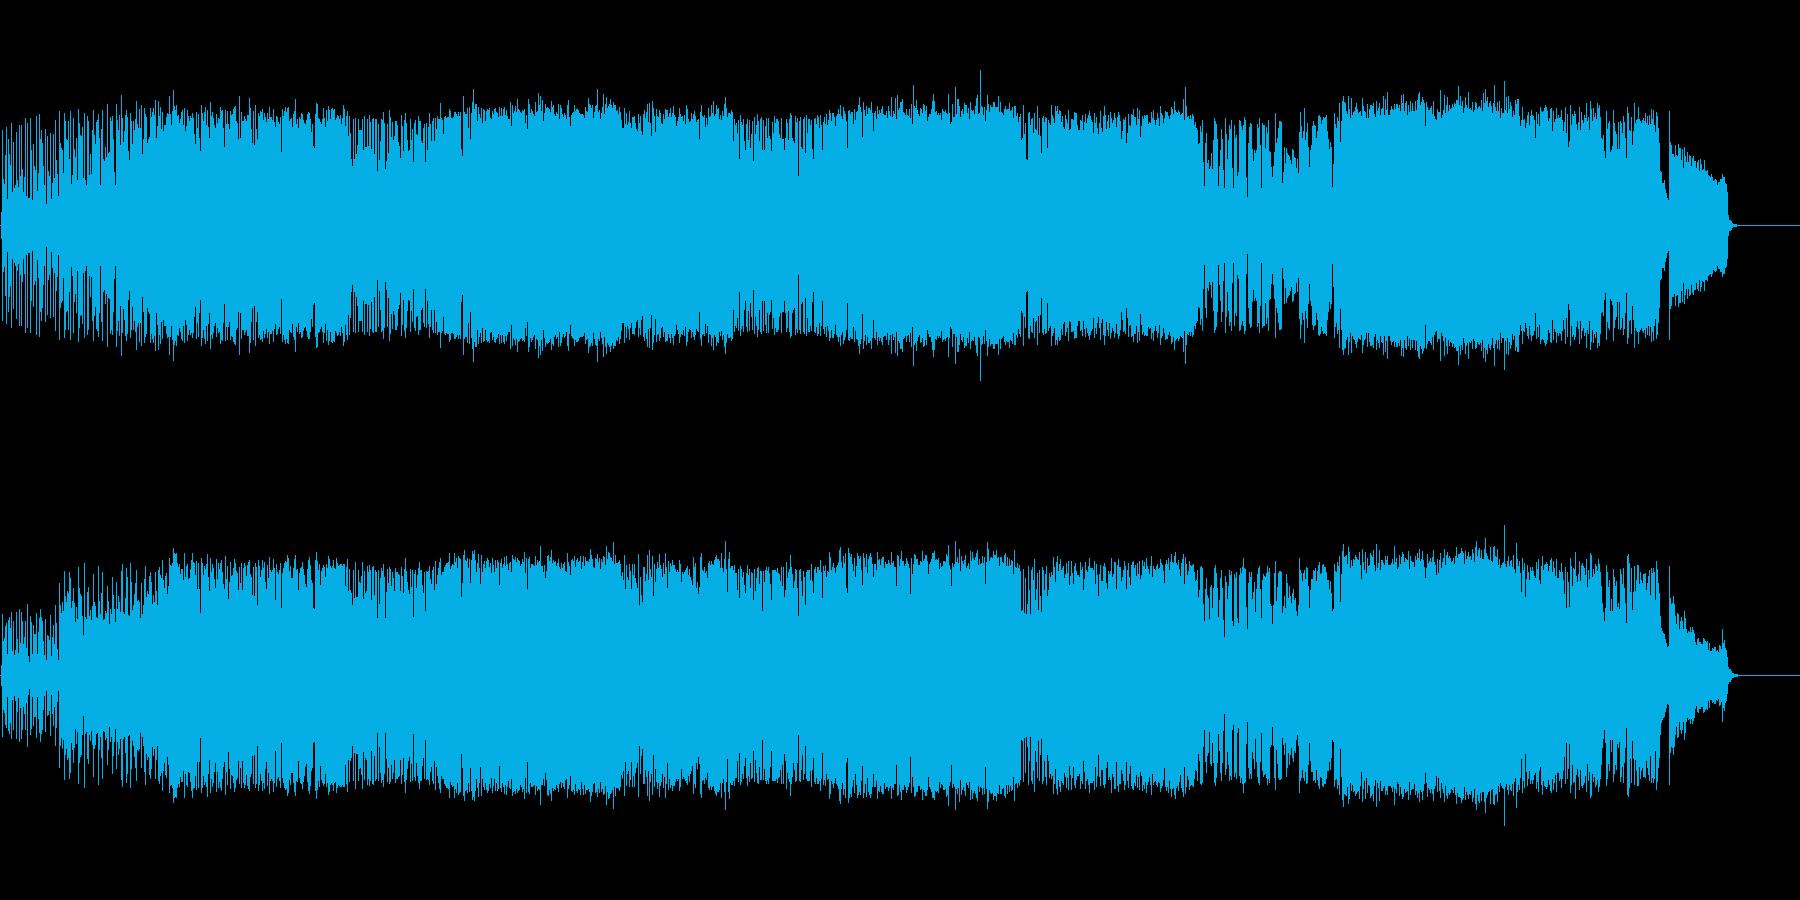 聴くと必ず元気になるポップロックの再生済みの波形